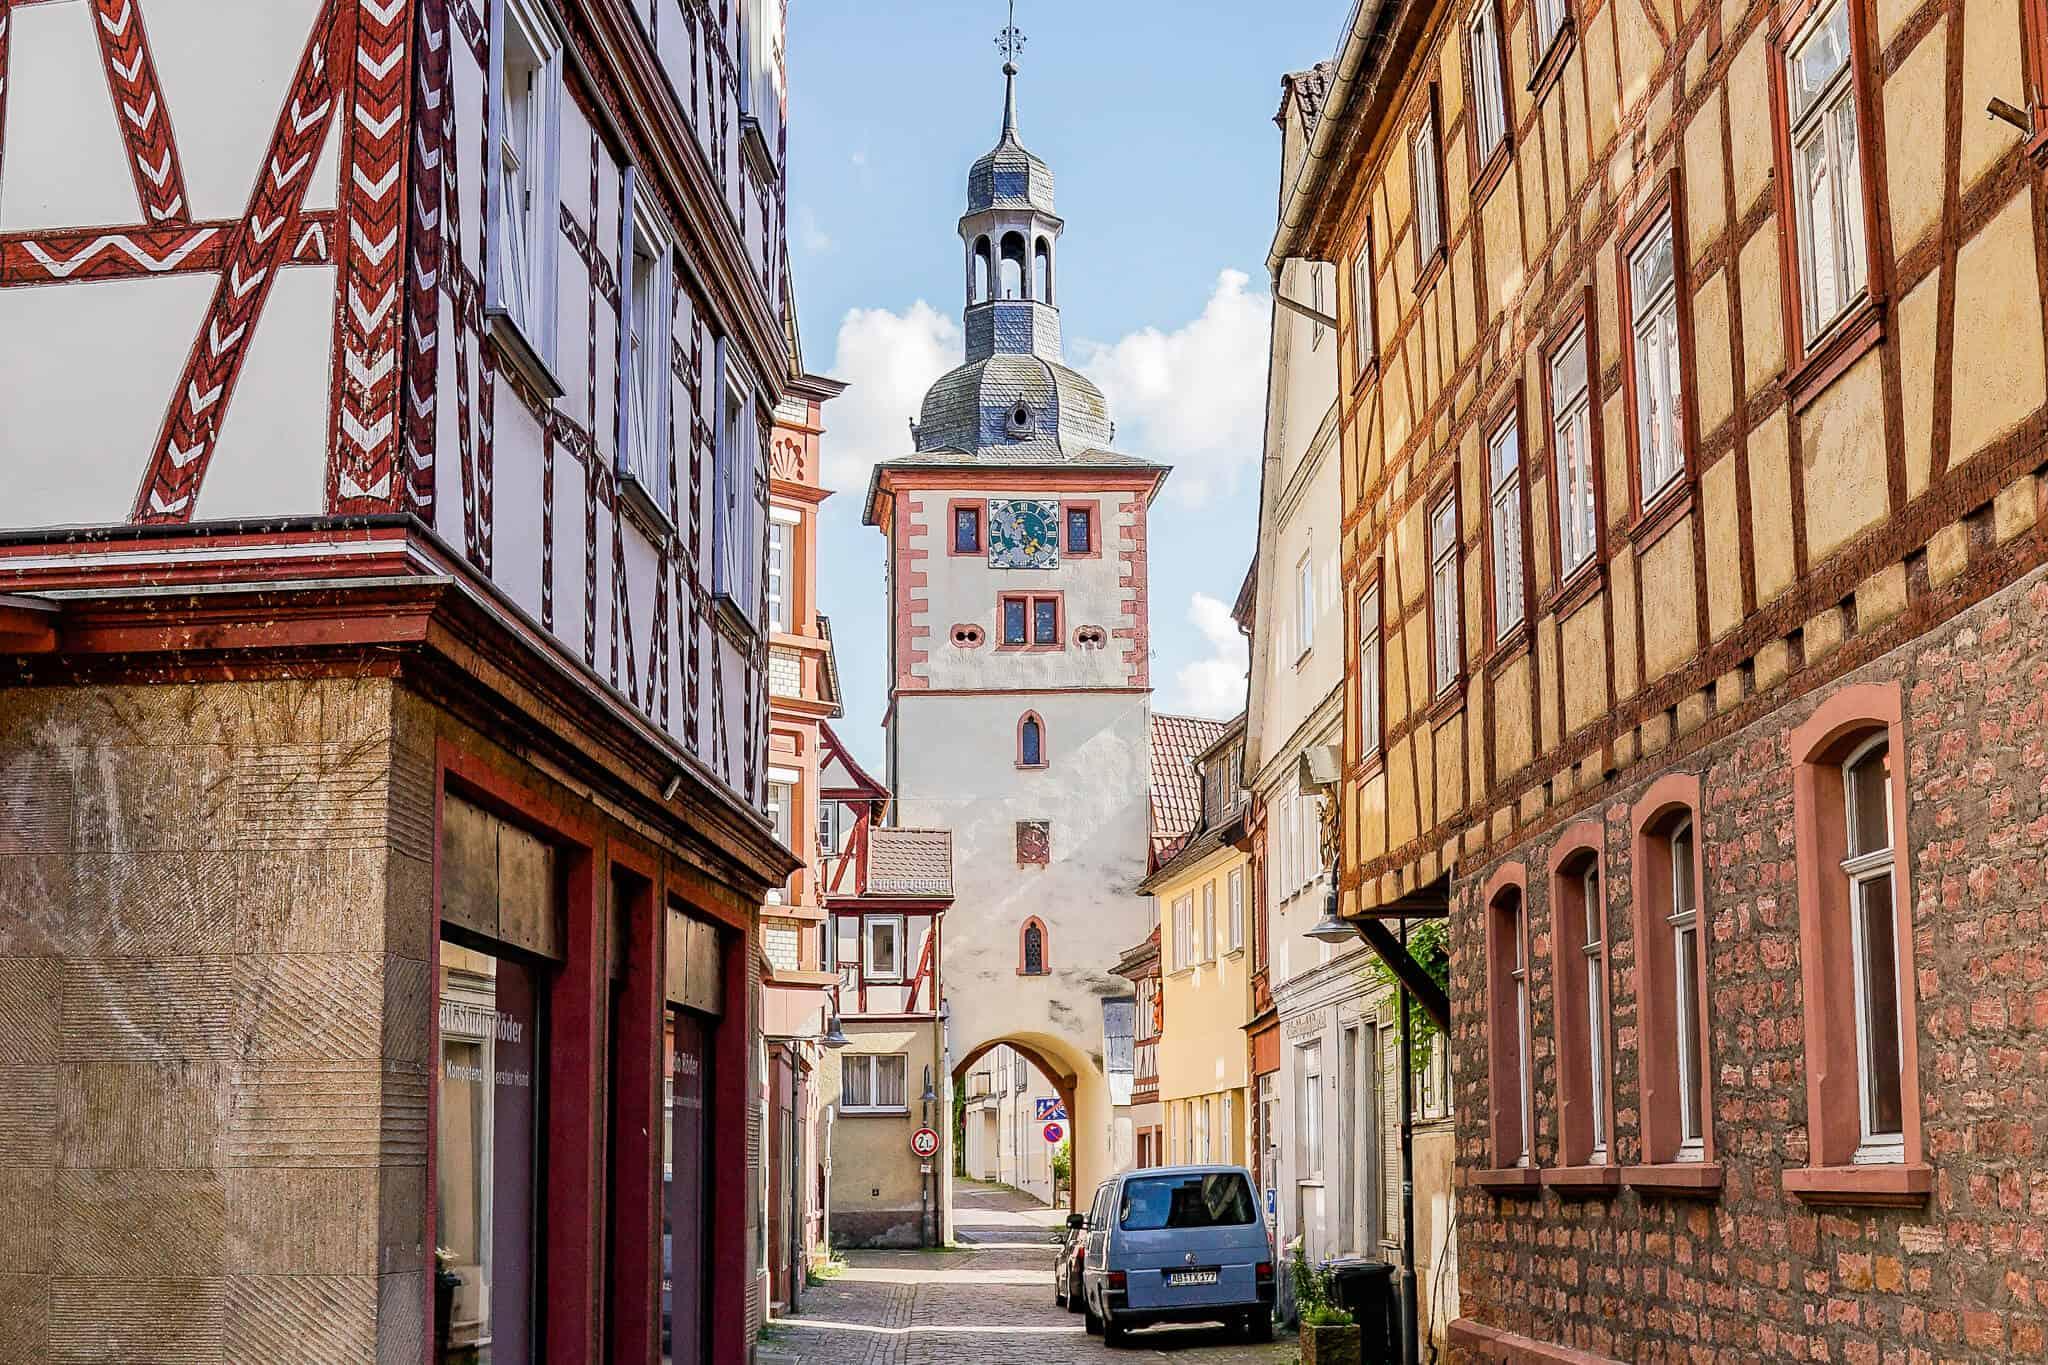 Altstadt Klingenberg